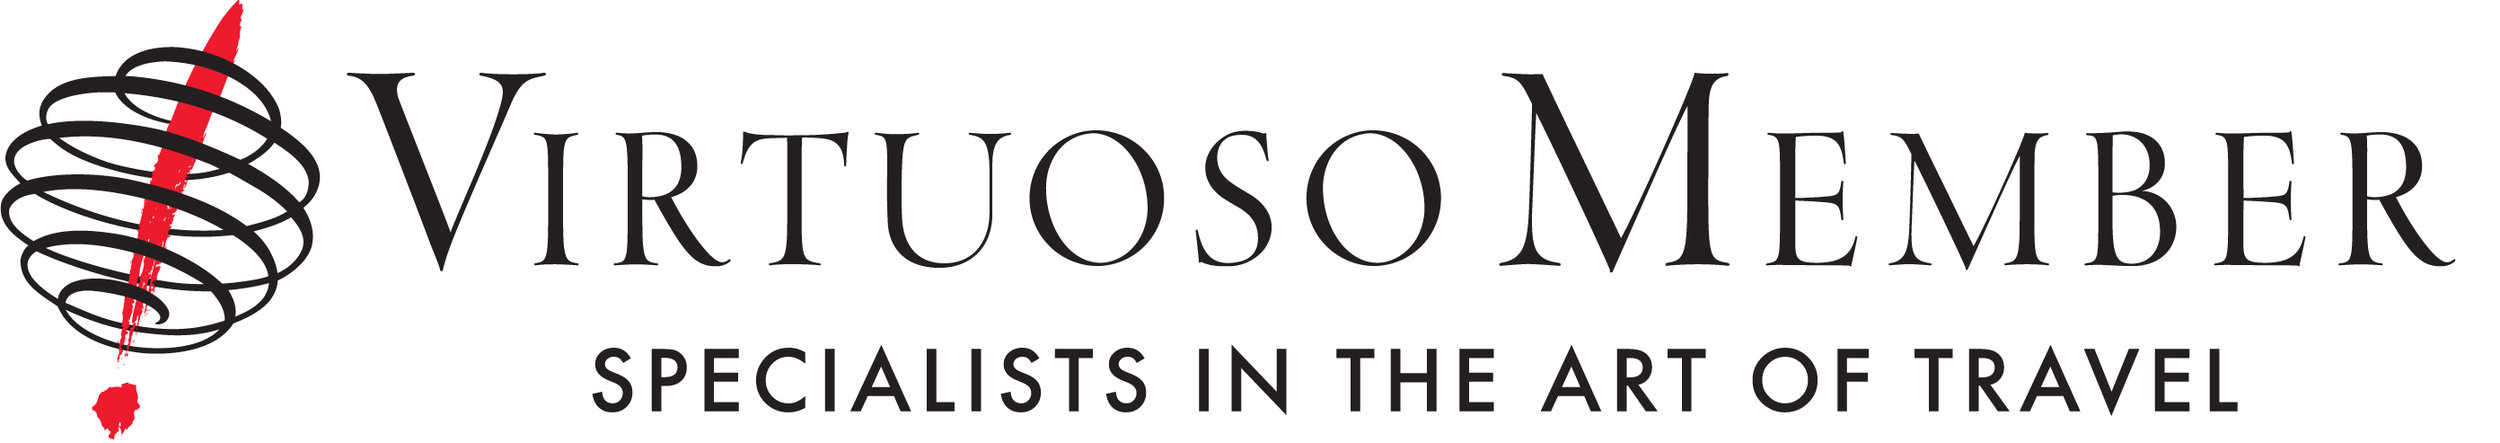 Virtuoso Member Logo.jpg